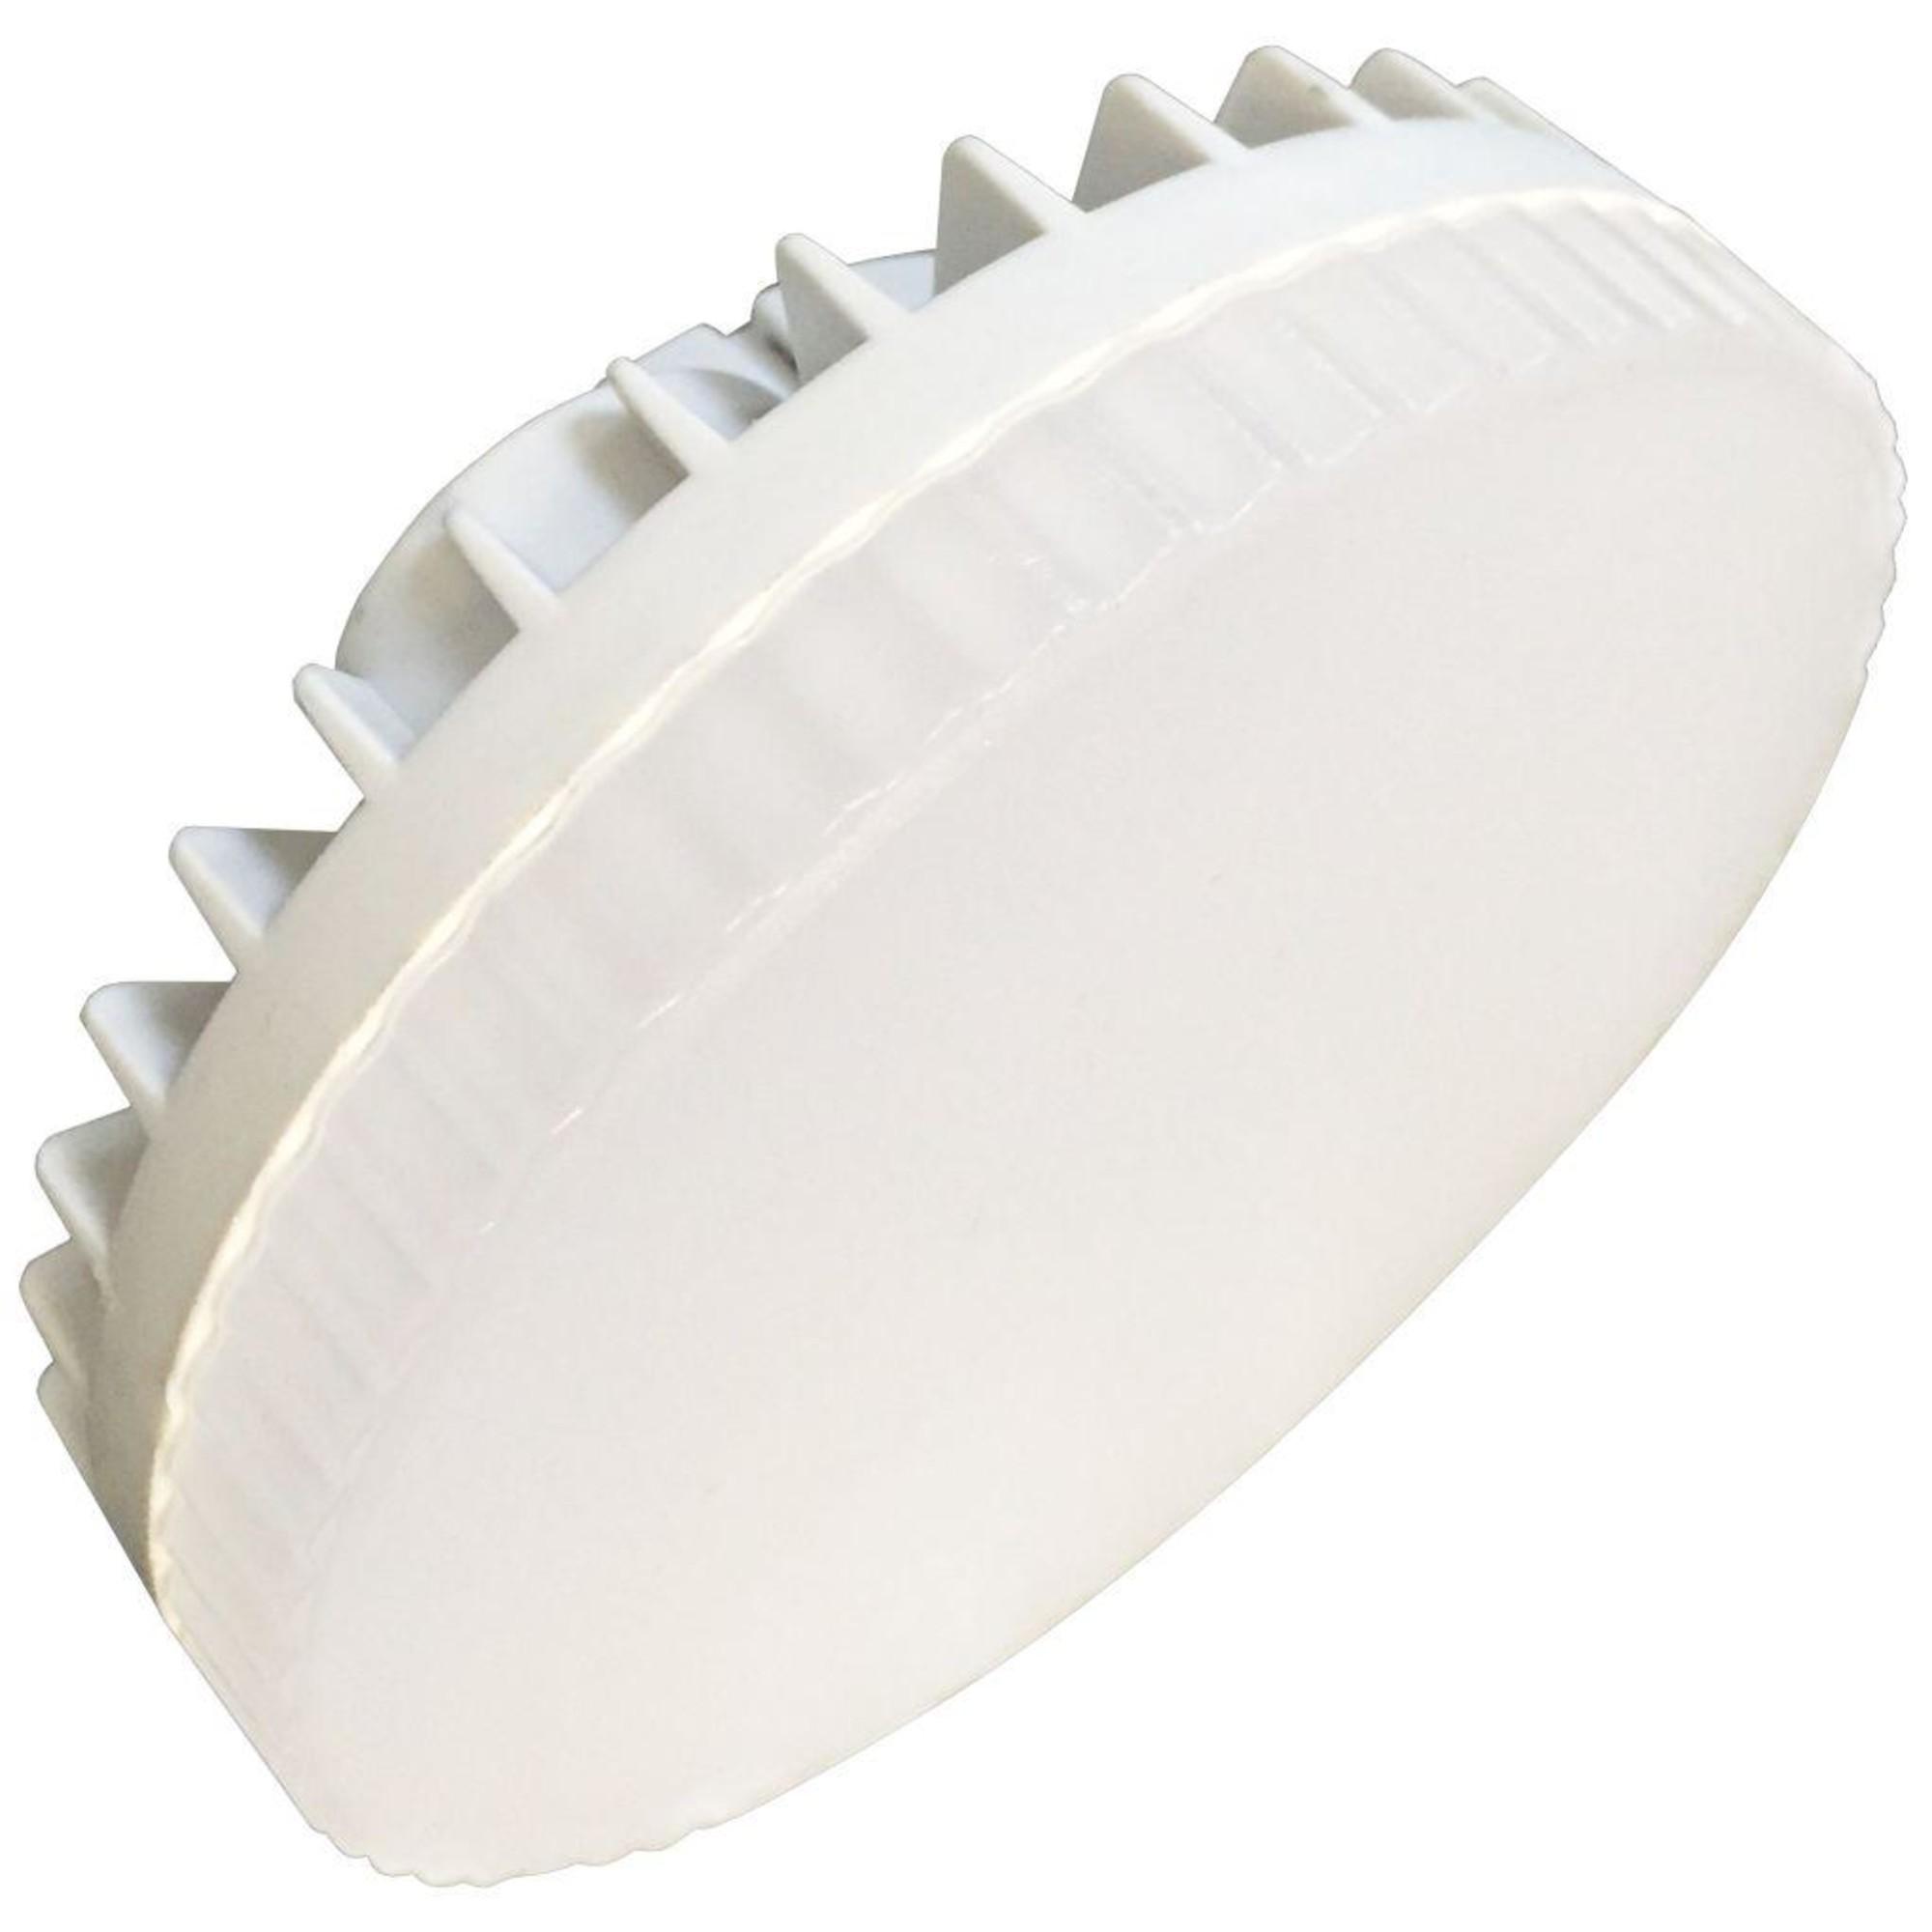 Лампа Ecola light светодионая GX53 11.50 Вт таблетка 810 Лм теплый свет